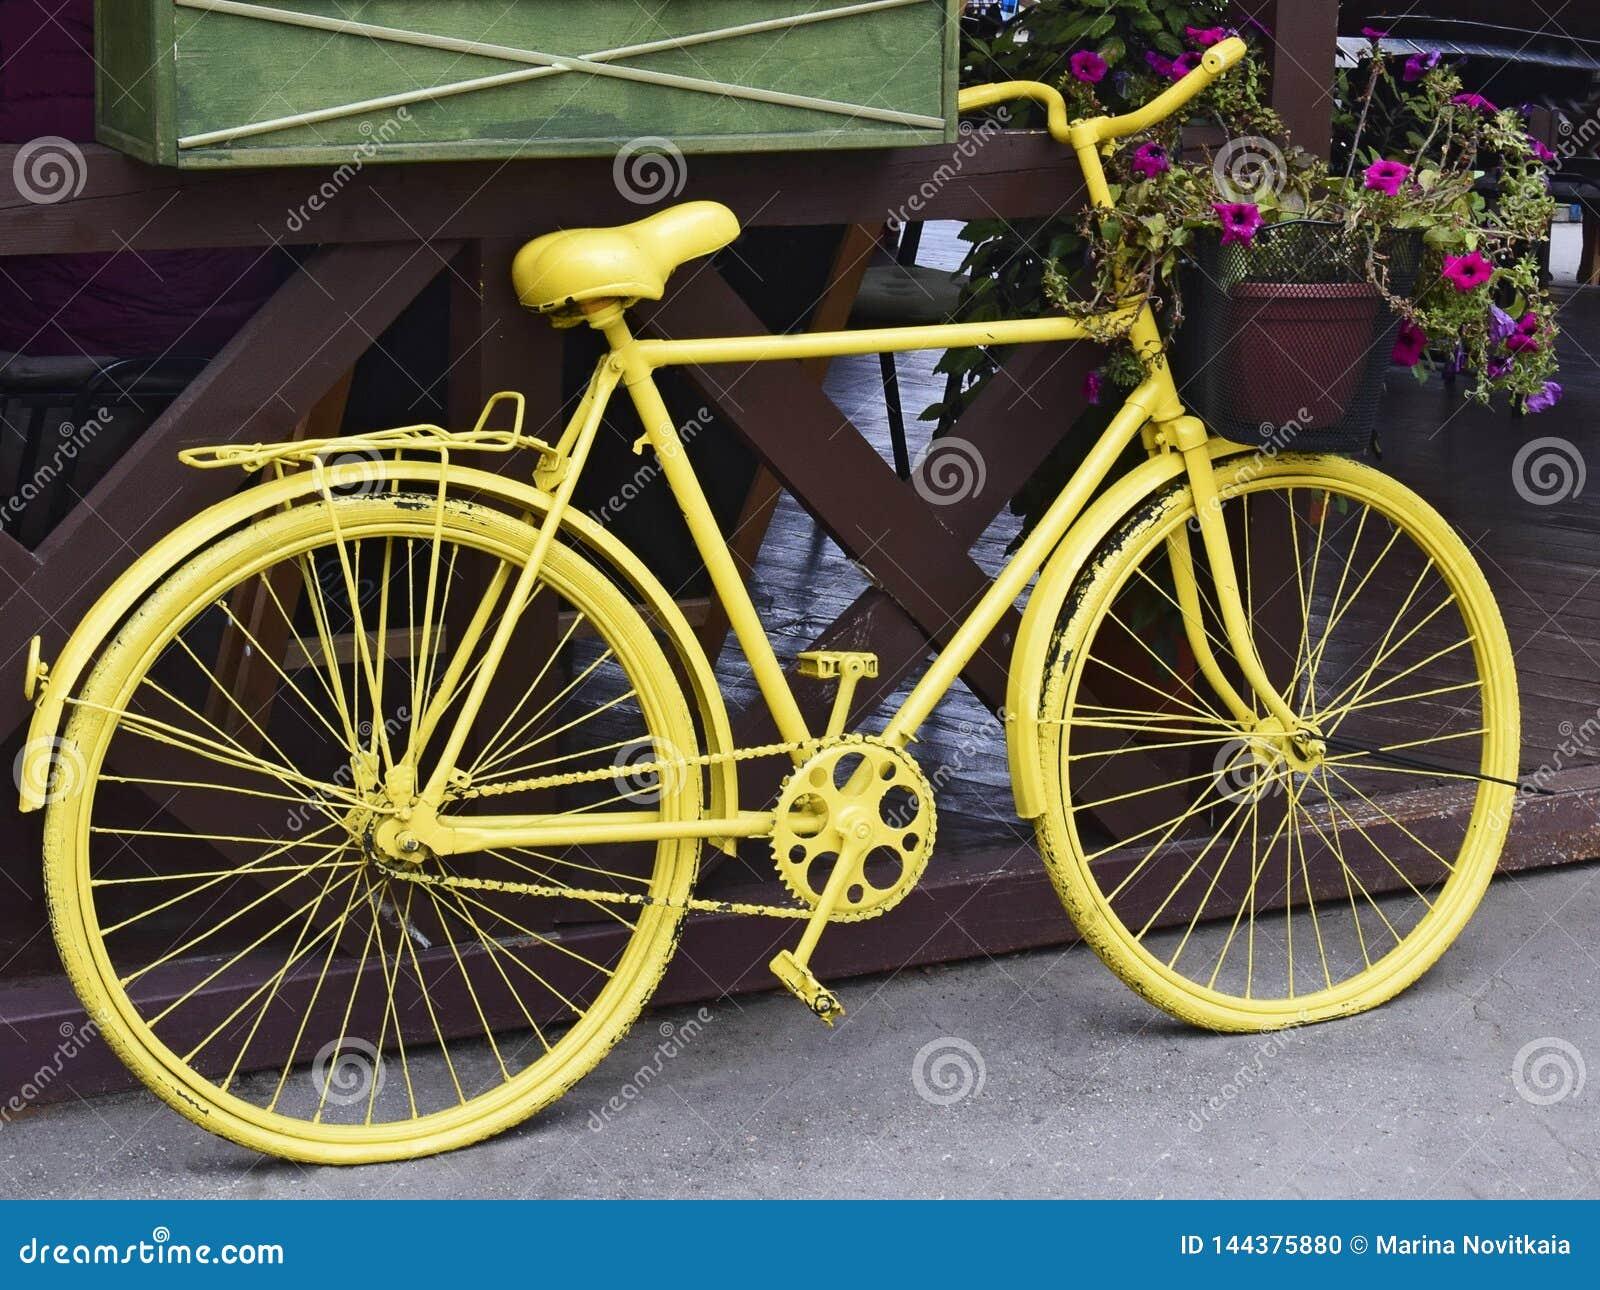 Bicicleta retra amarilla con una cesta de flores